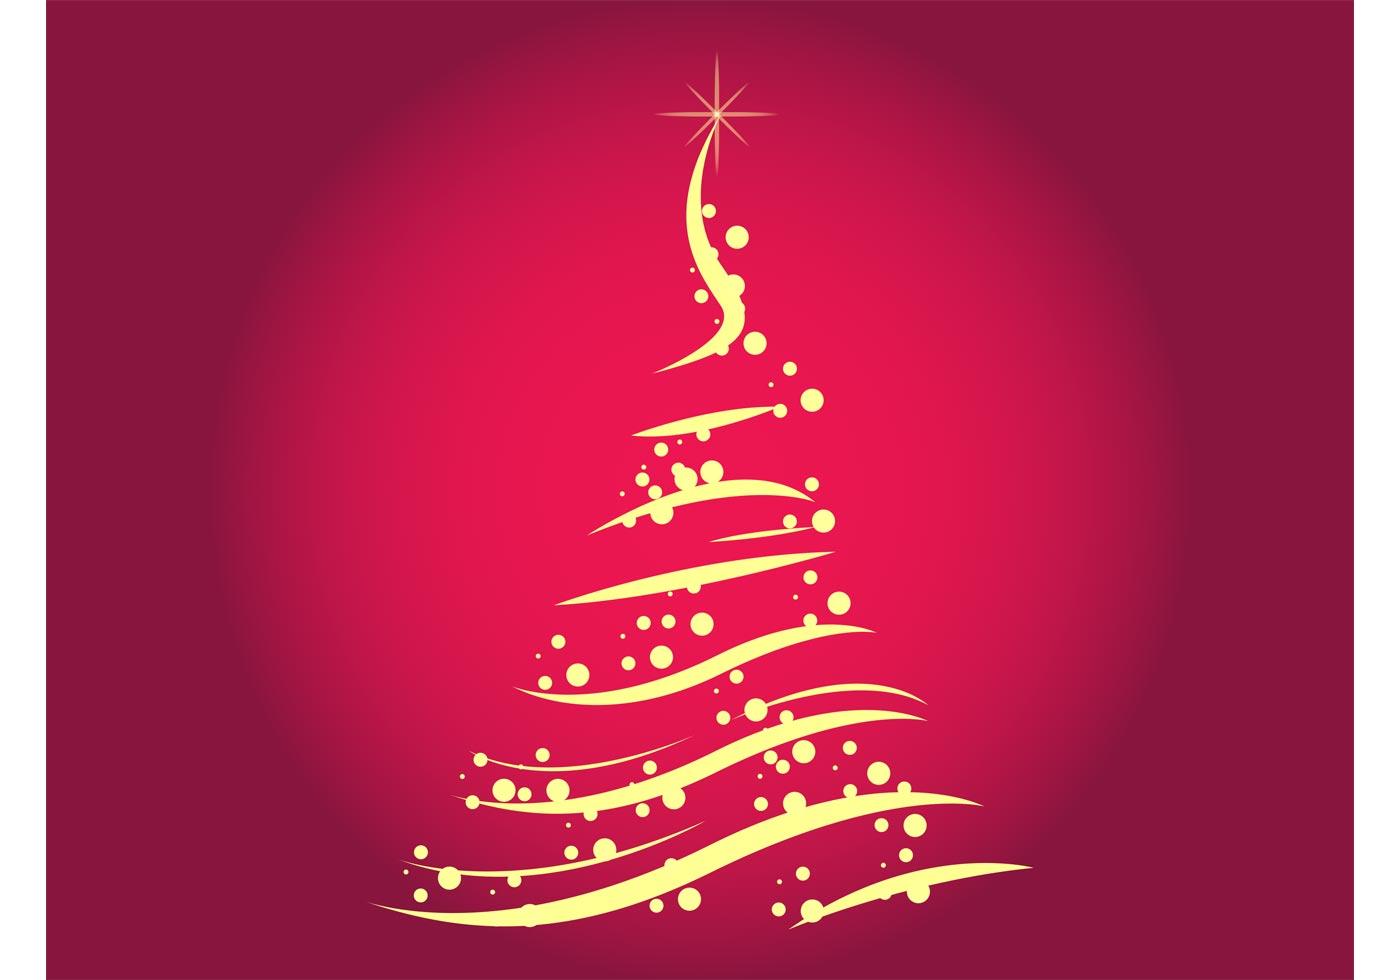 Vector Rbol De Navidad Gratis Descargue Grficos Y